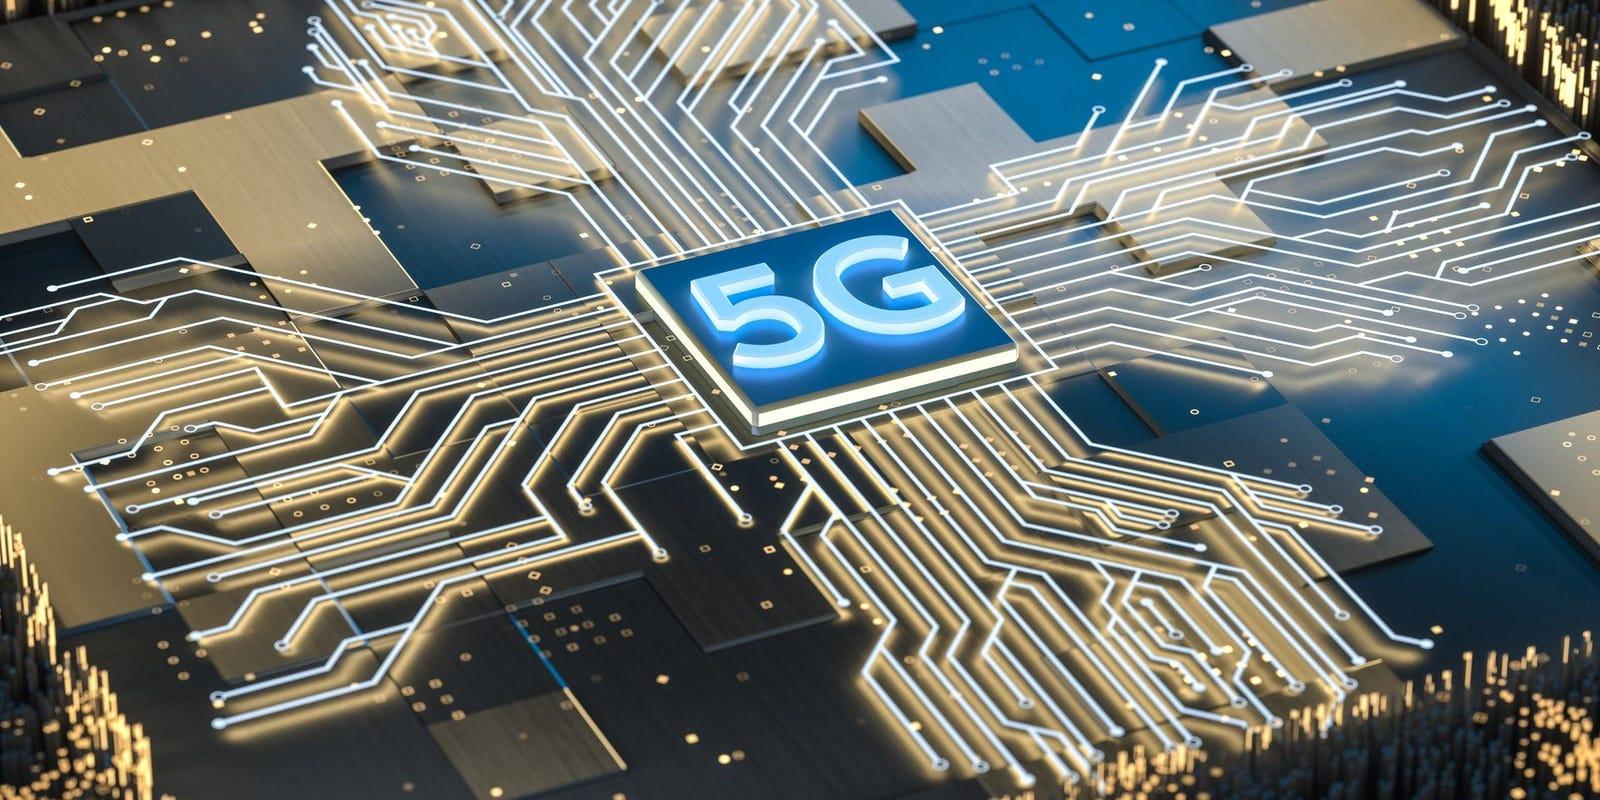 گوشی های 5G شیائومی